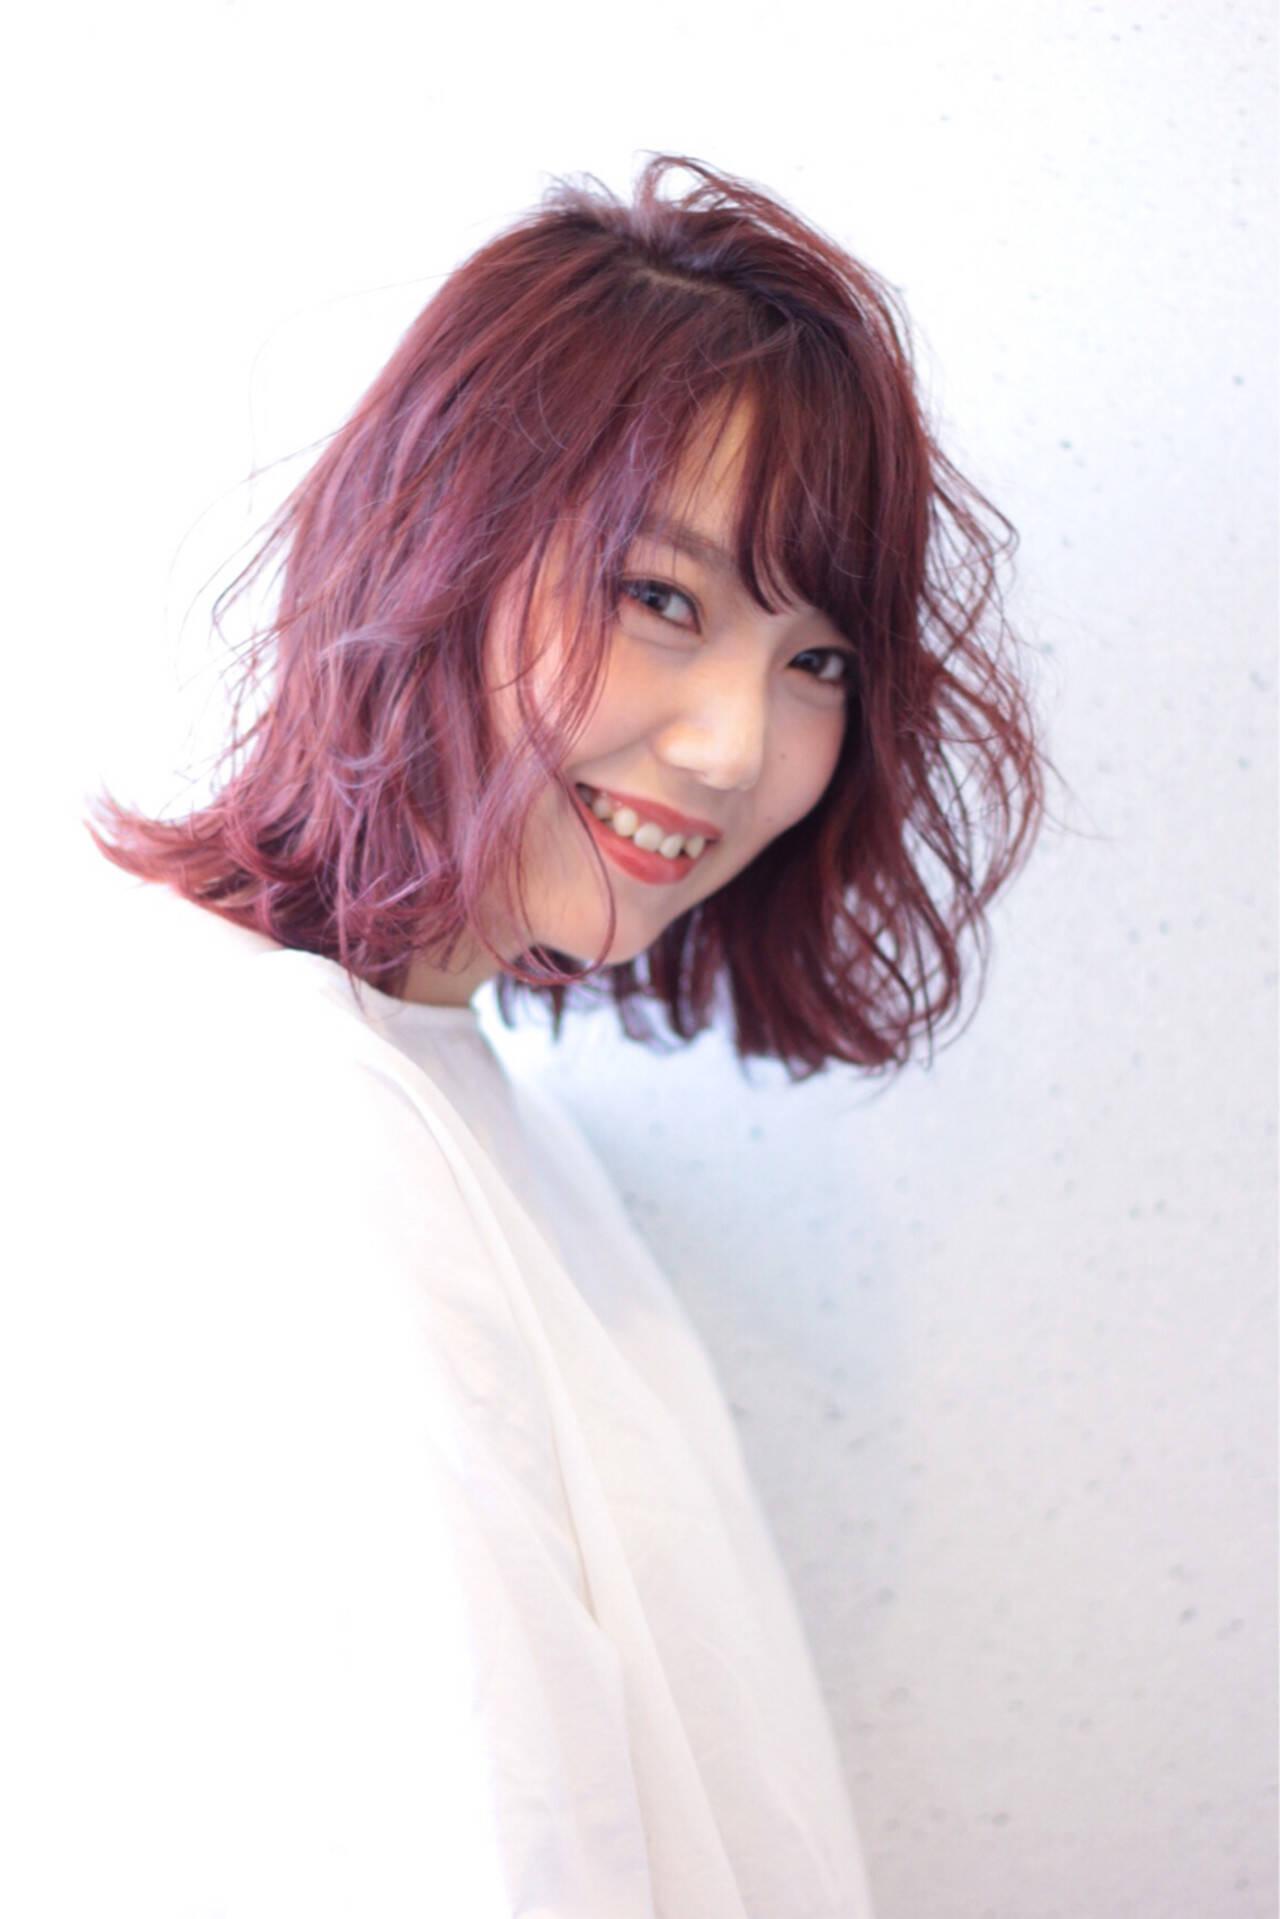 ベージュ ラベンダーピンク ラベンダー ボブヘアスタイルや髪型の写真・画像